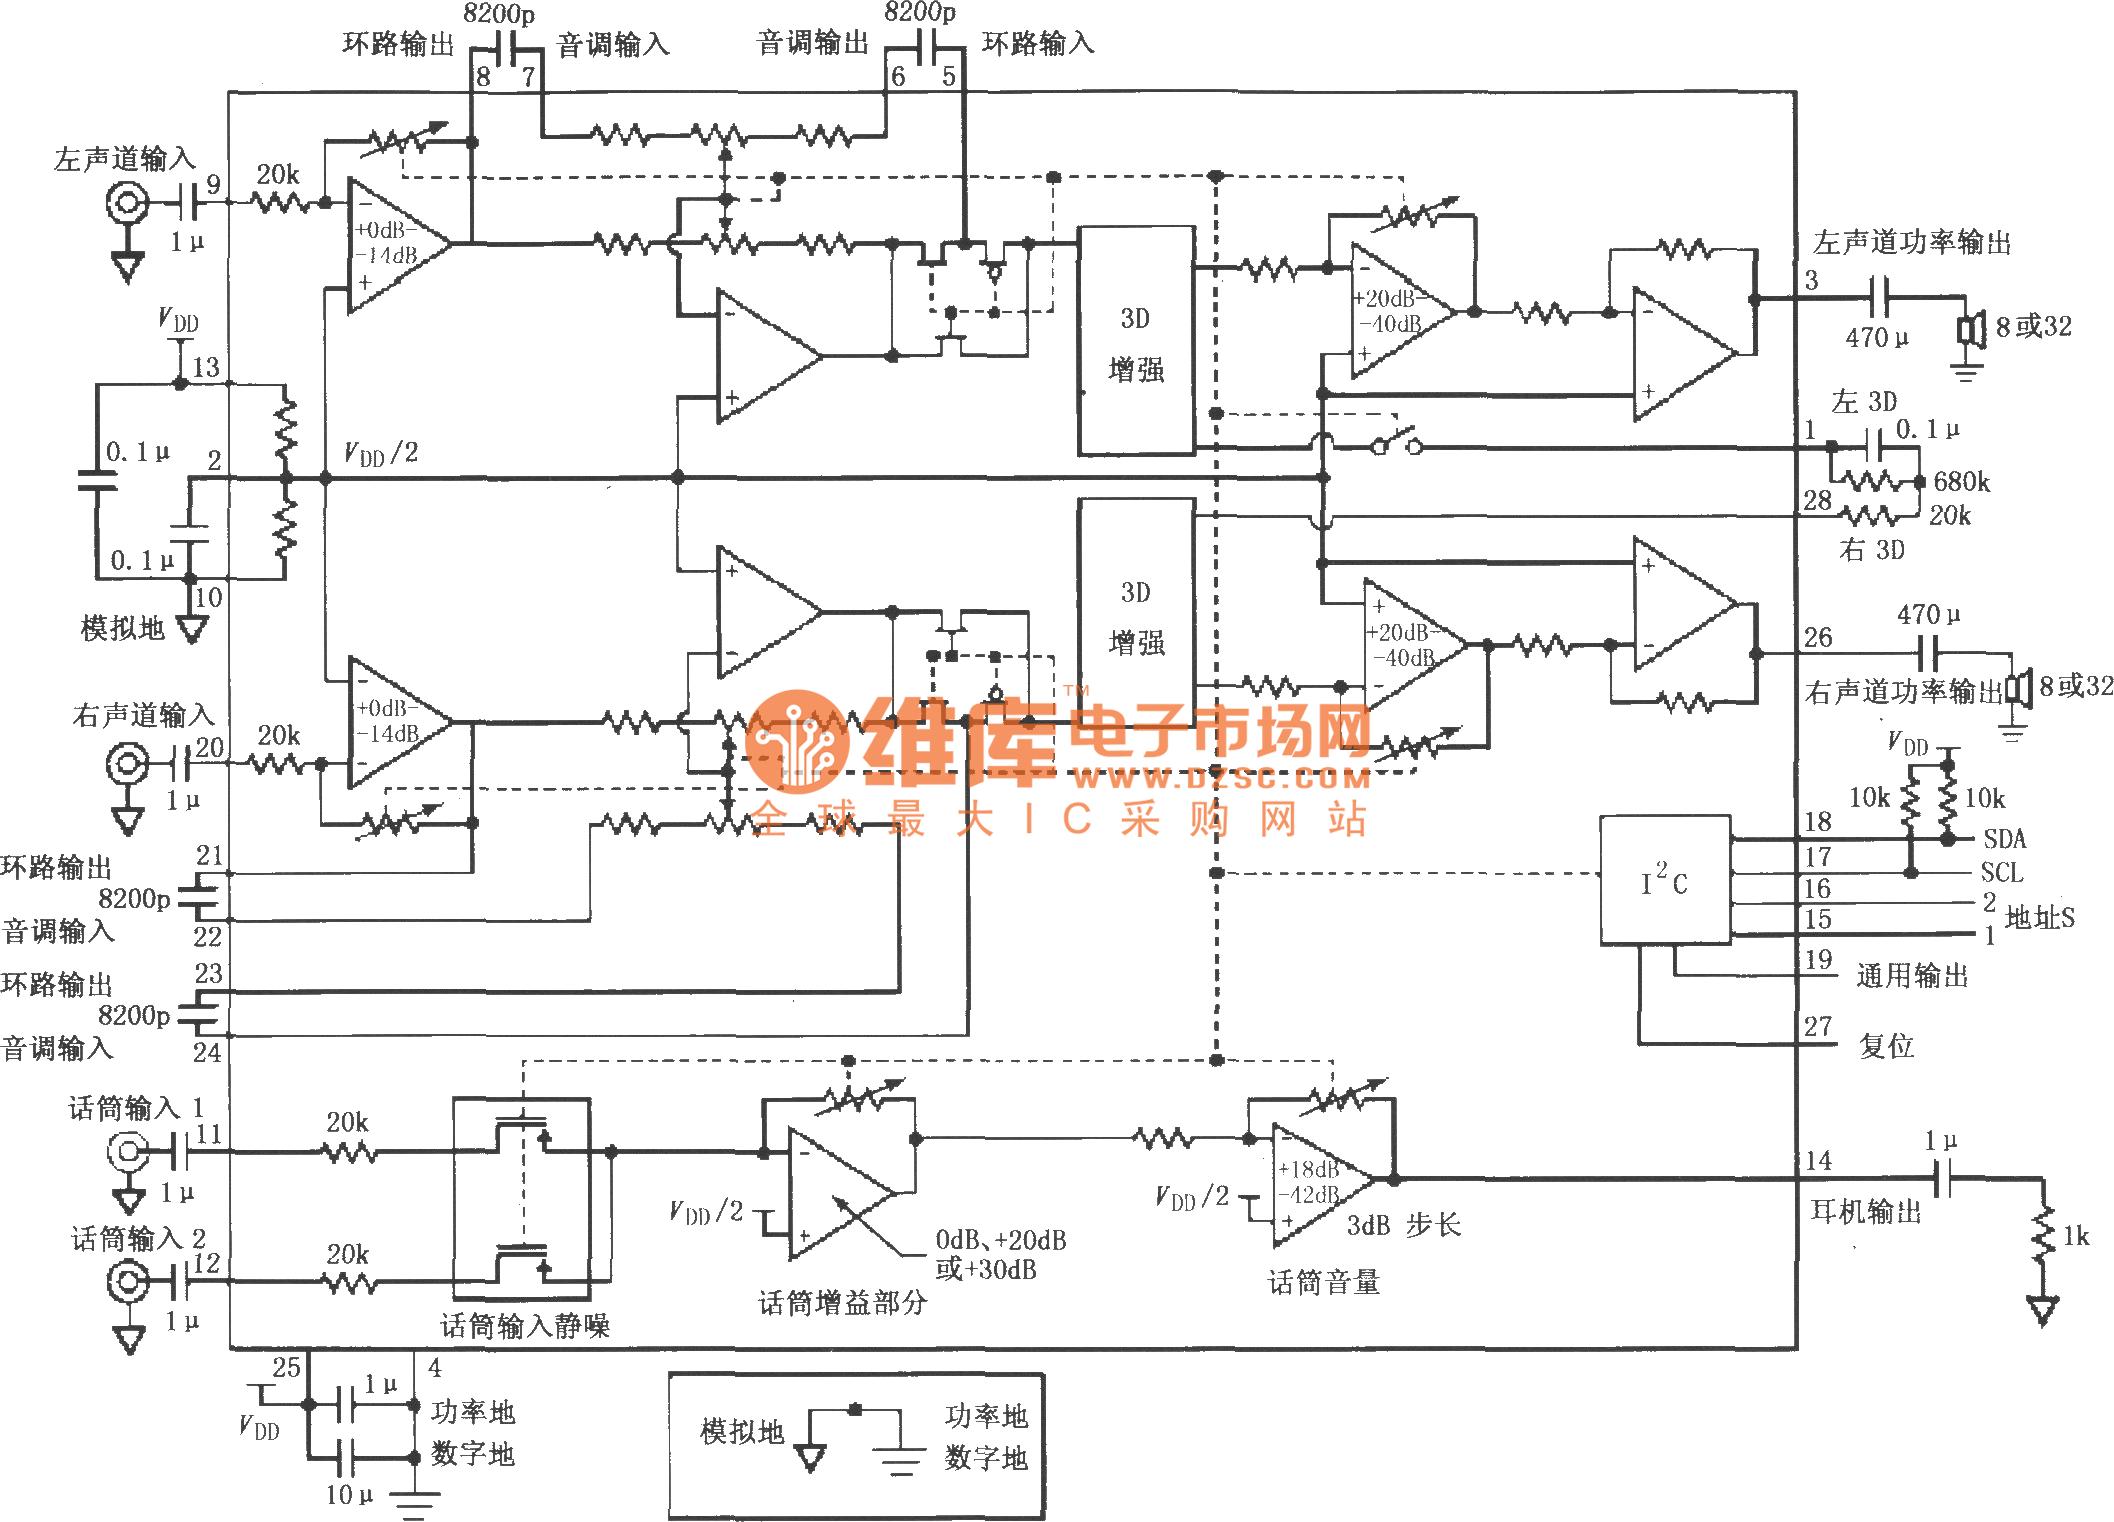 如图所示为lm4832的音频功率放大电路。立体声左声道音频信号由9脚输入,立体声右声道音频信号由20脚输入,分别经过内部放大器放大、3d增强和数字音量控制后,分别从3脚输出到左声道扬声器,从26脚输出到右声道扬声器。话筒输入l和话筒输入2分别输入11、12脚,由内部话筒静噪、话筒放大器放大和话筒数字音量控制后,从14脚输出到耳机输出端。对于i2c串行总线接口,sda串行总线 数据信号从18脚输入,scl串行总线时钟信号从17脚输入,sda串行总线地址信号从15、16脚输入。输入耦合电容值和输出耦合电容值选